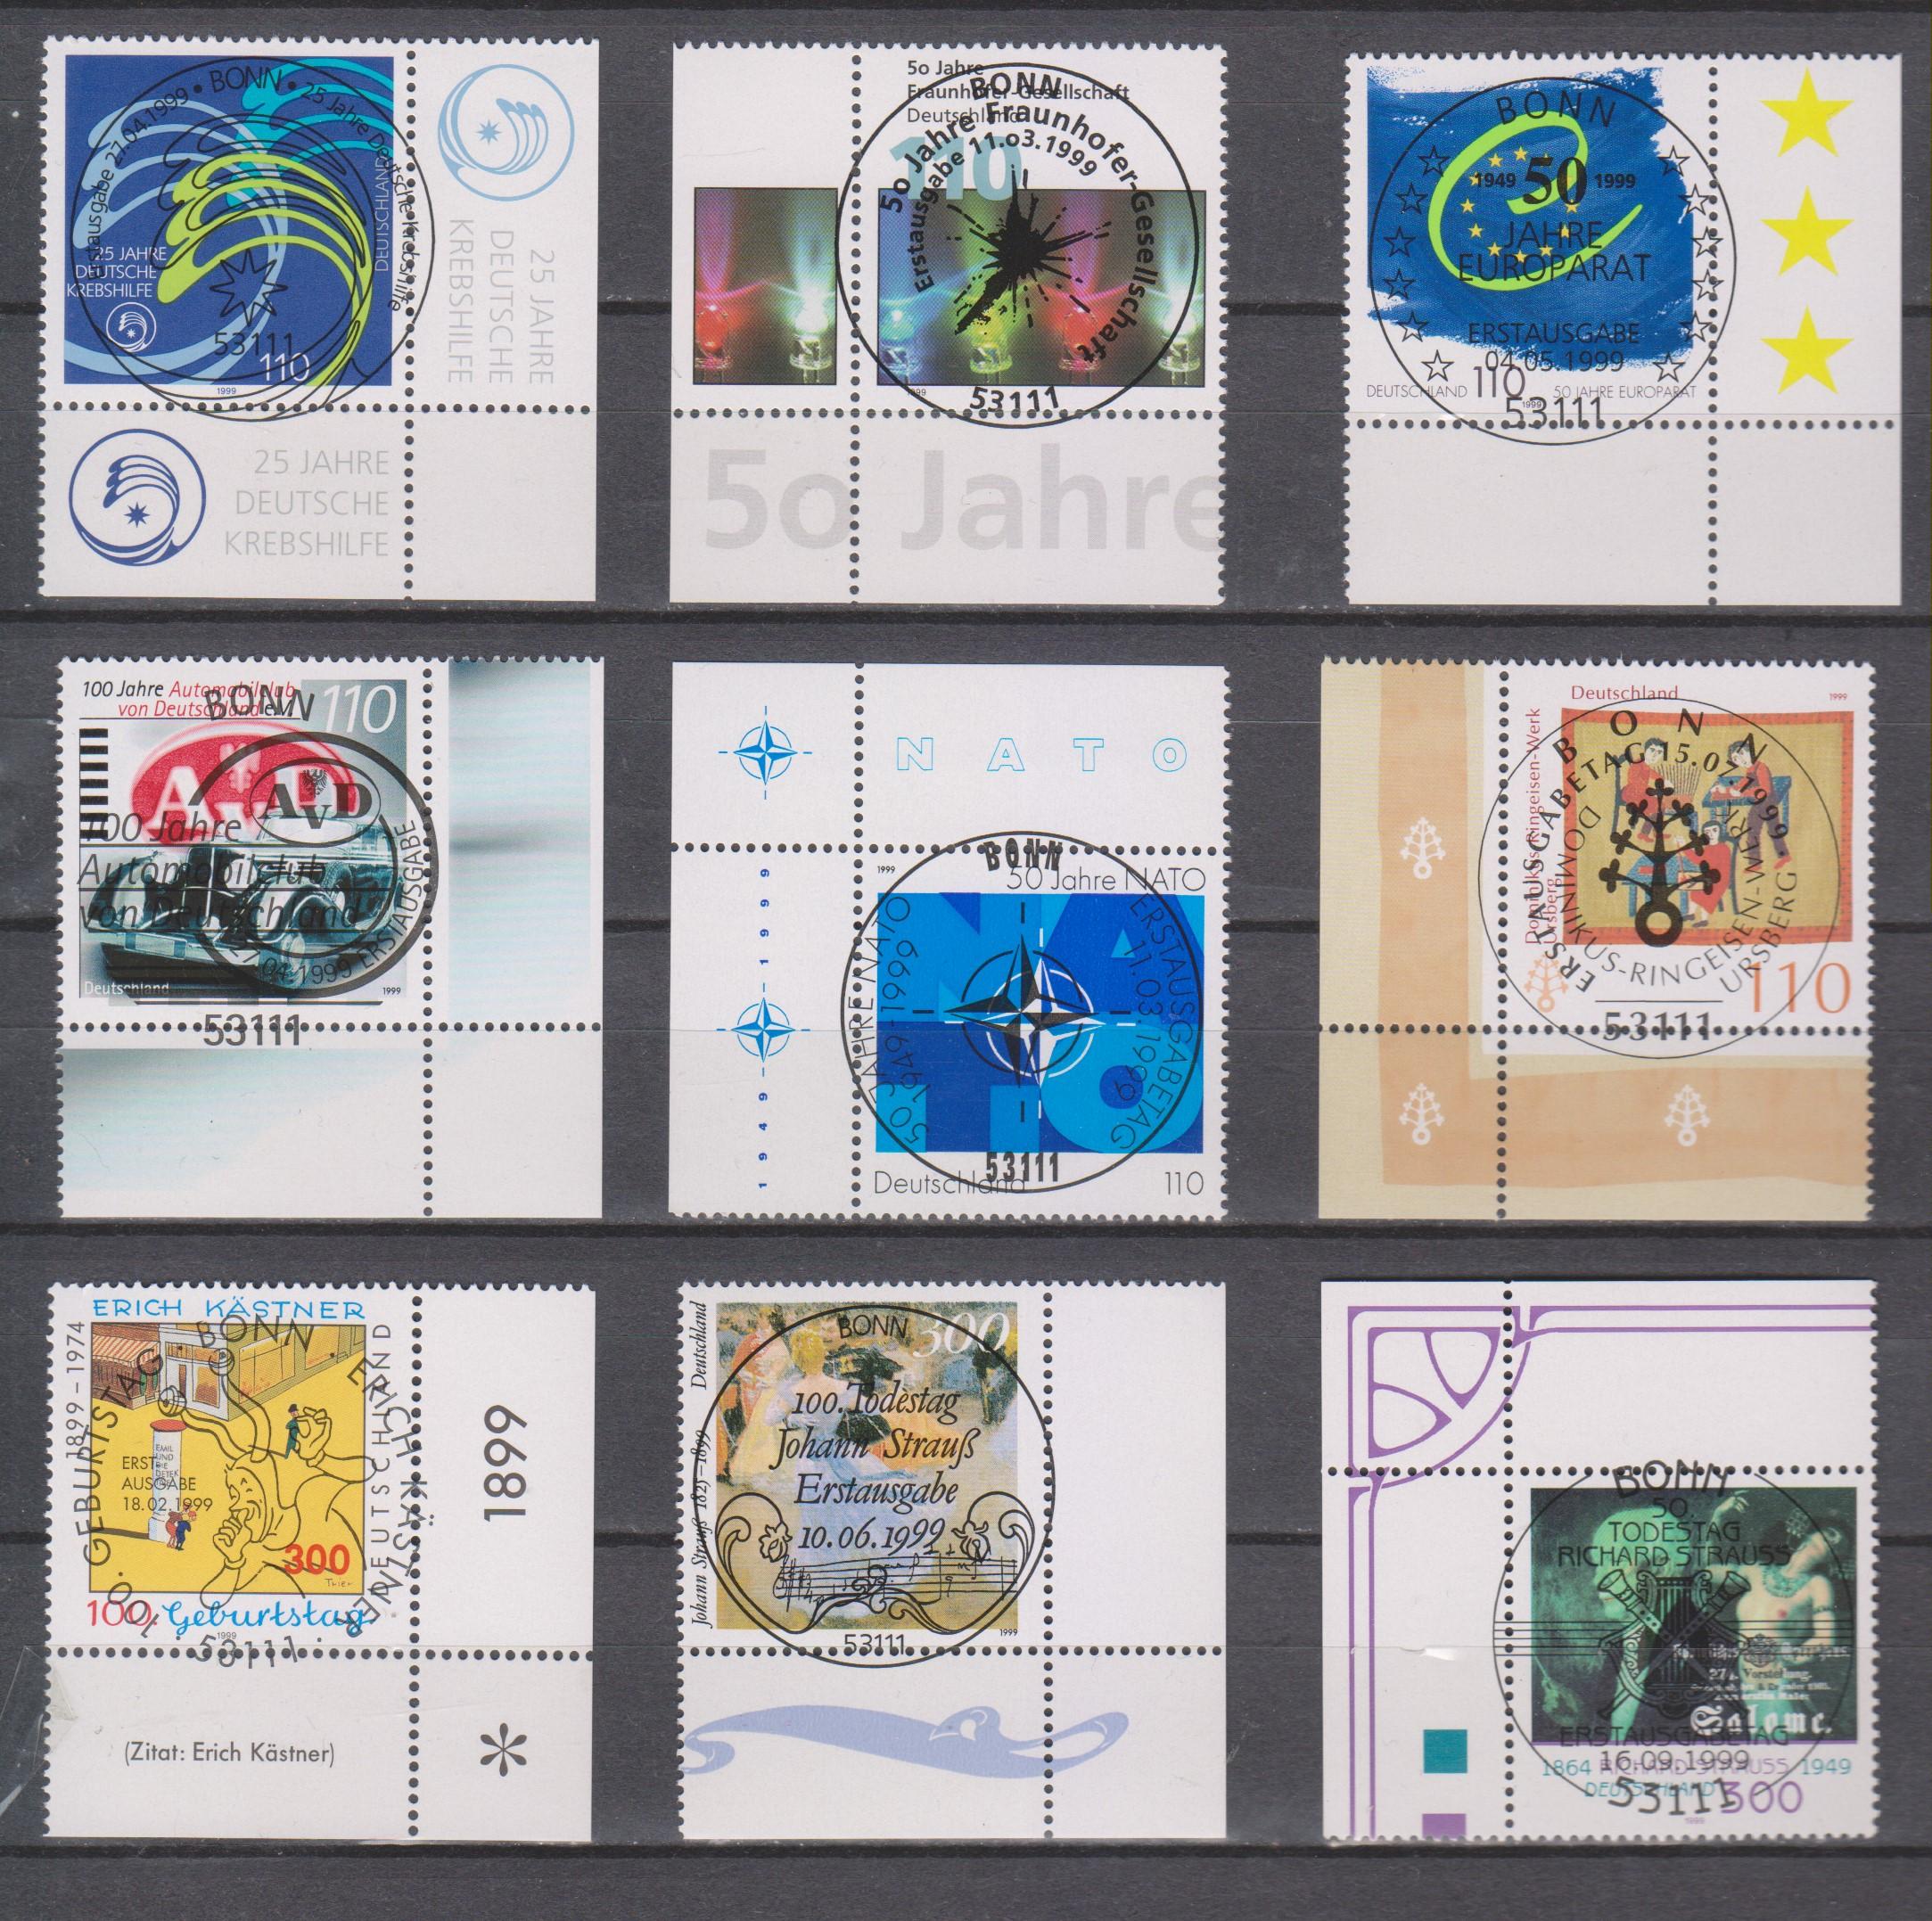 Allemagne - Sélection de timbres oblitérés FDC de 1999 - Cote €12.25